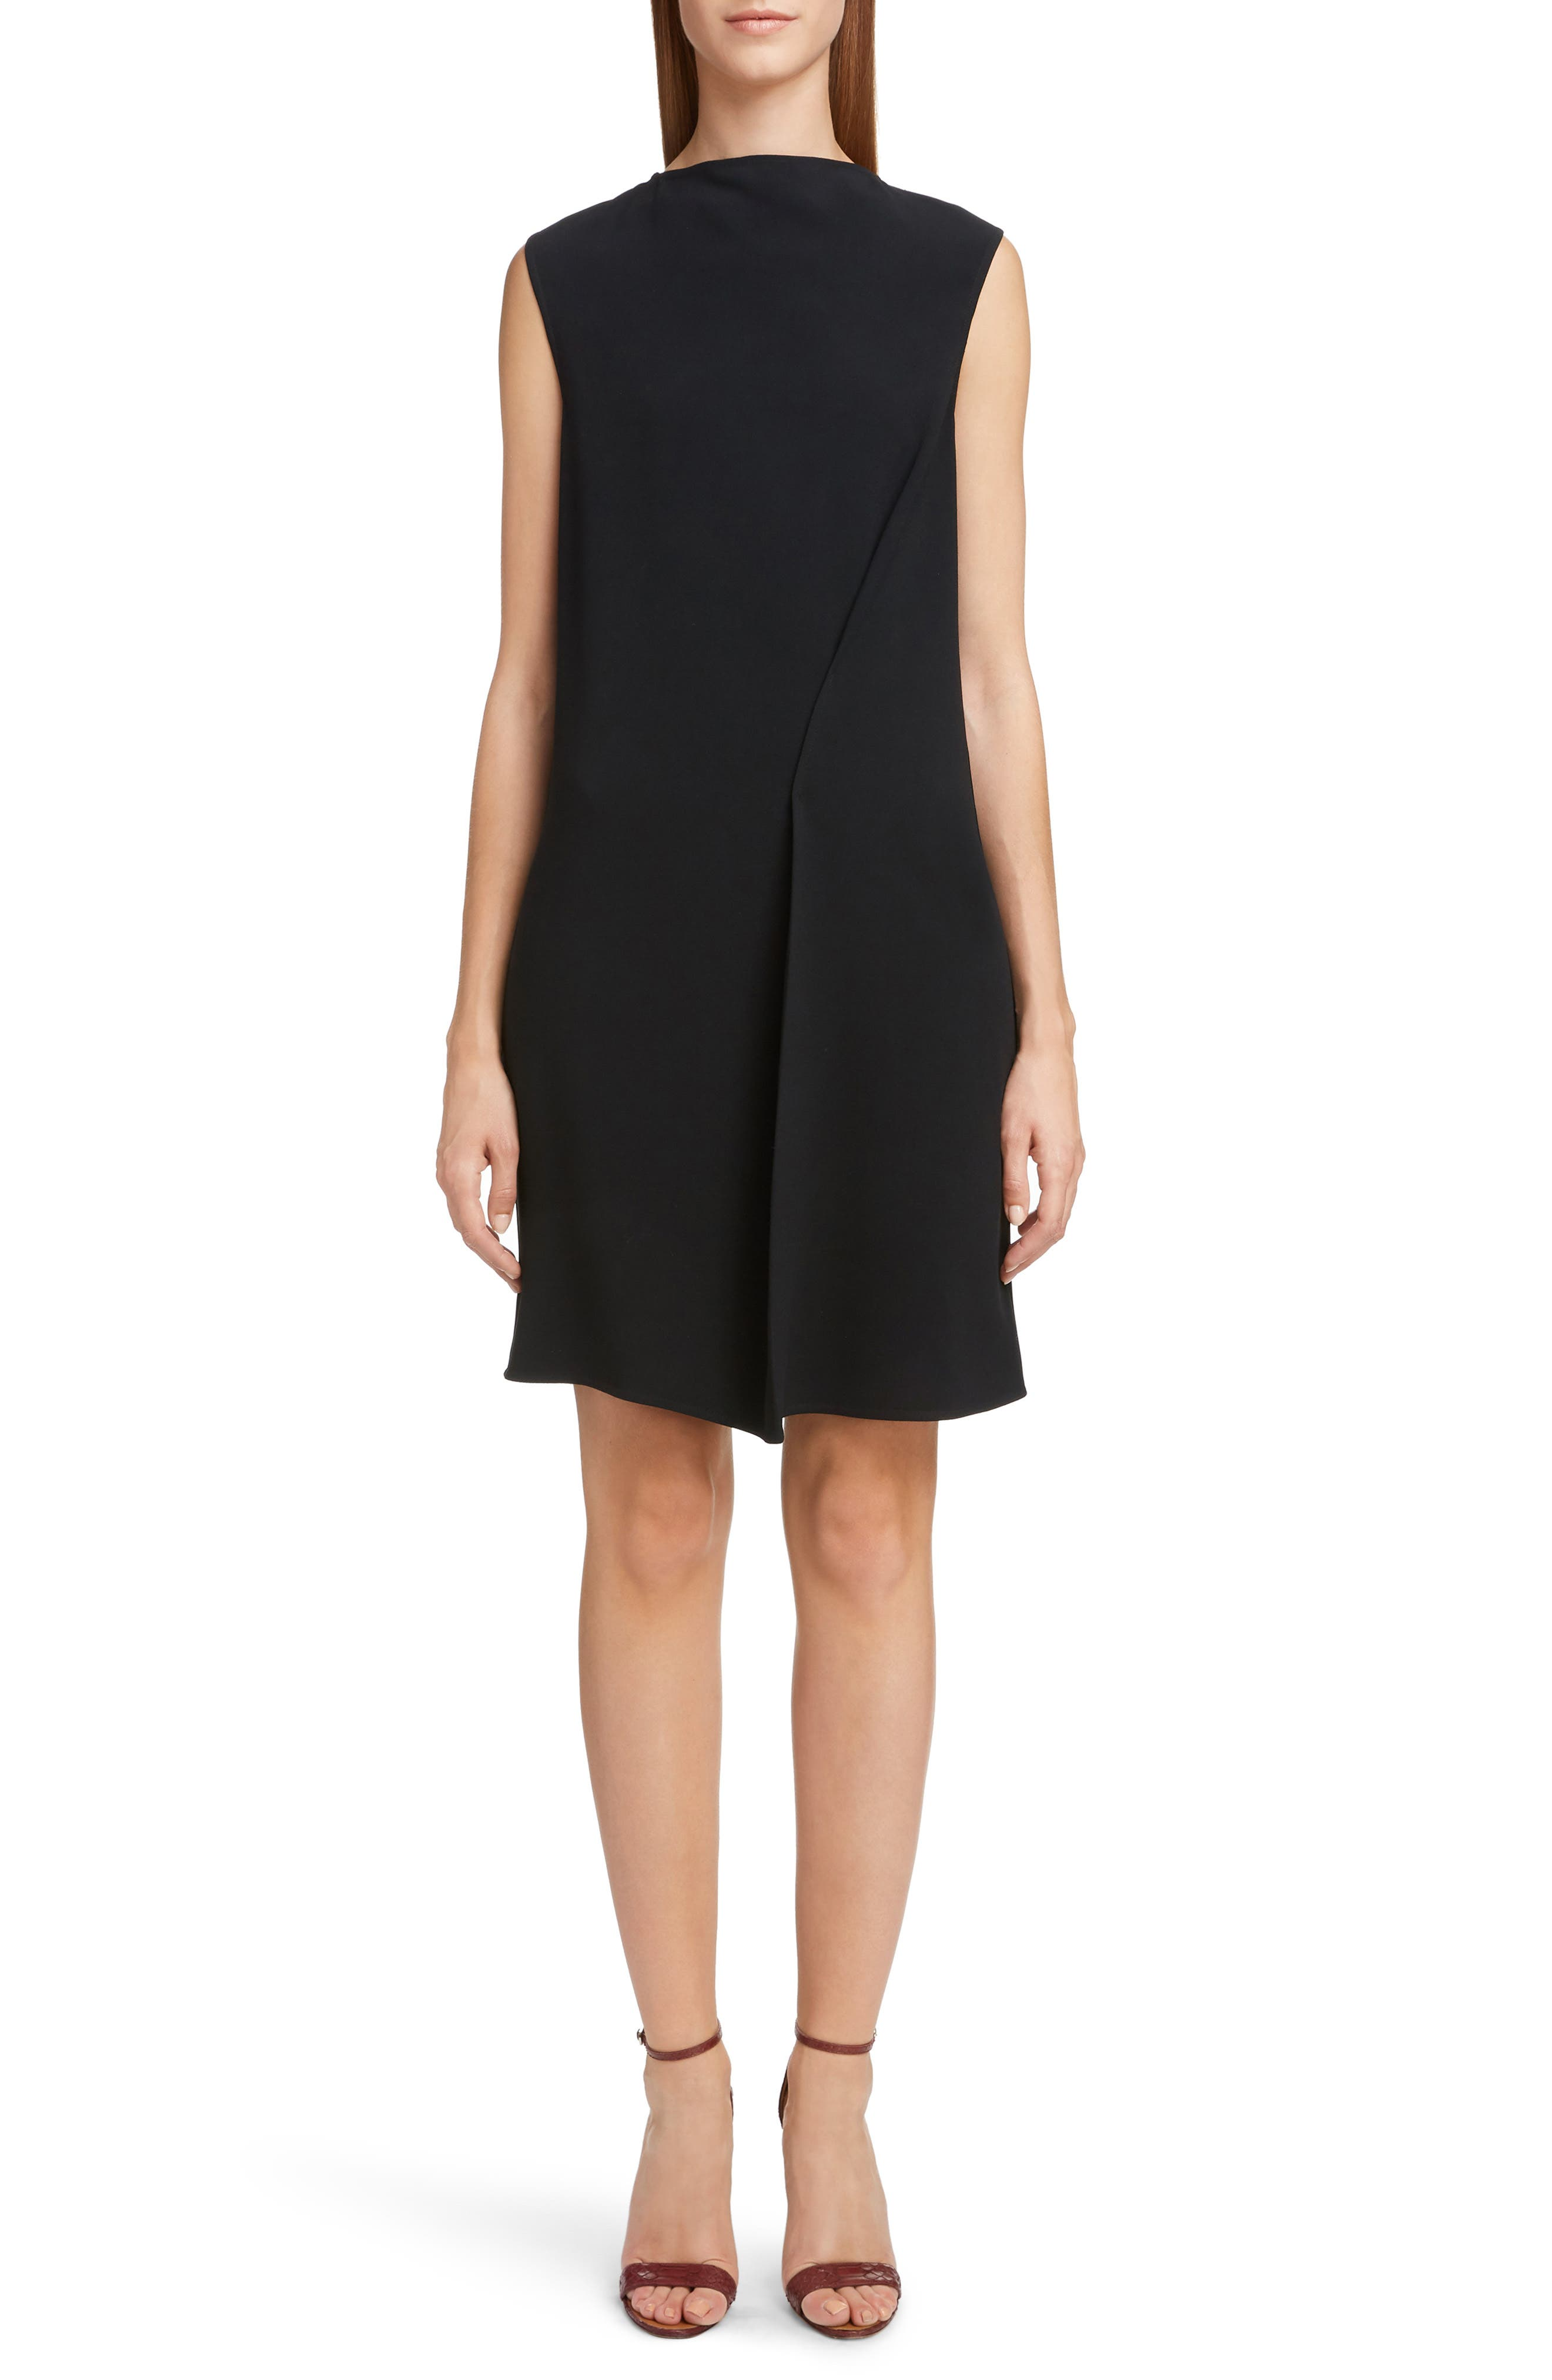 VICTORIA BECKHAM Asymmetrical Pleat Shift Dress, Main, color, BLACK